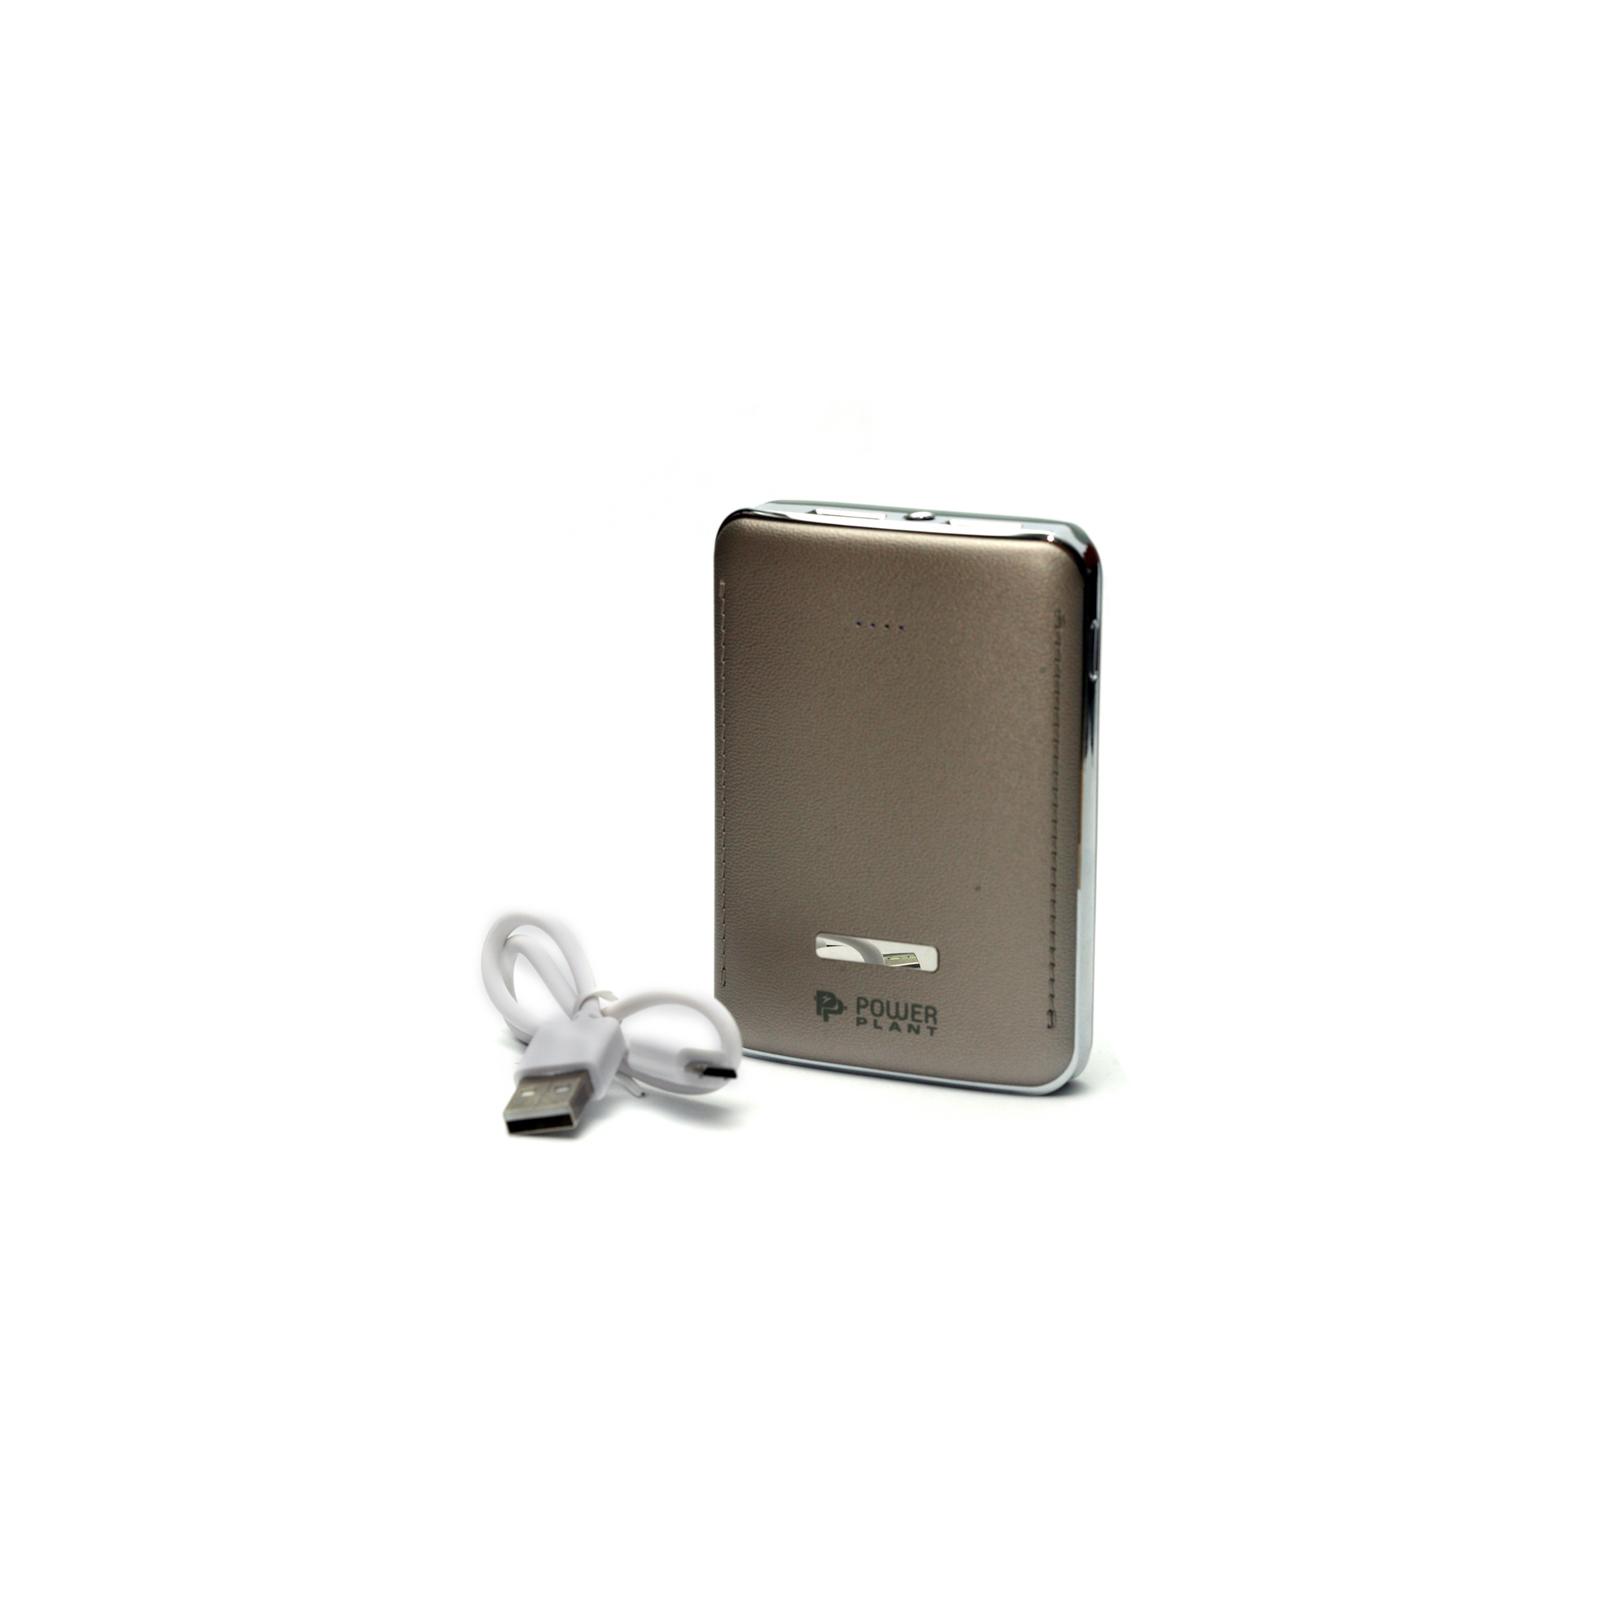 Батарея универсальная PowerPlant PB-LA9236 7800mAh 1*USB/1A 1*USB/2.1A (PPLA9236) изображение 3